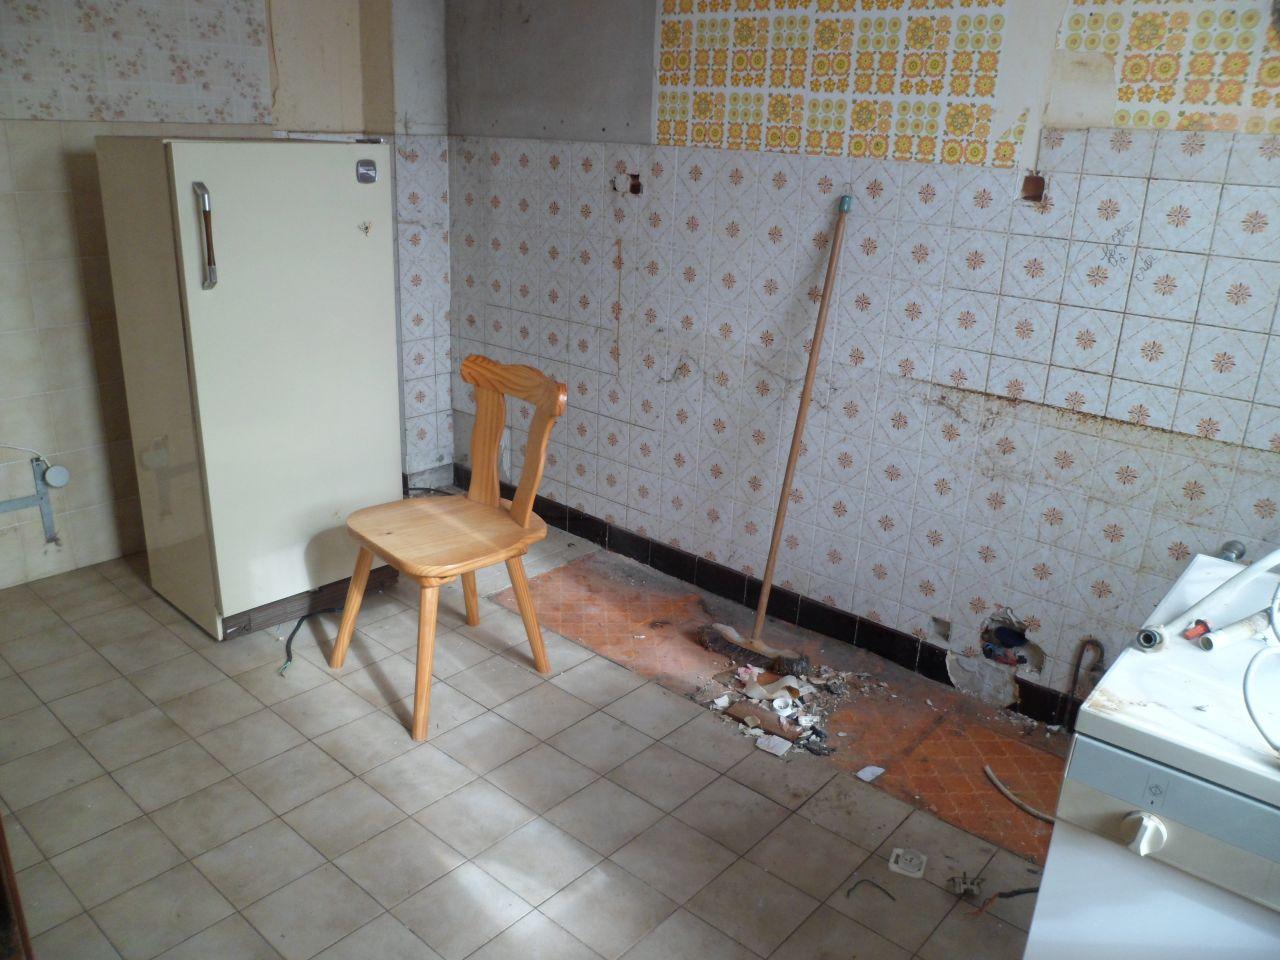 Meubles retirés dans la cuisine, future chambre